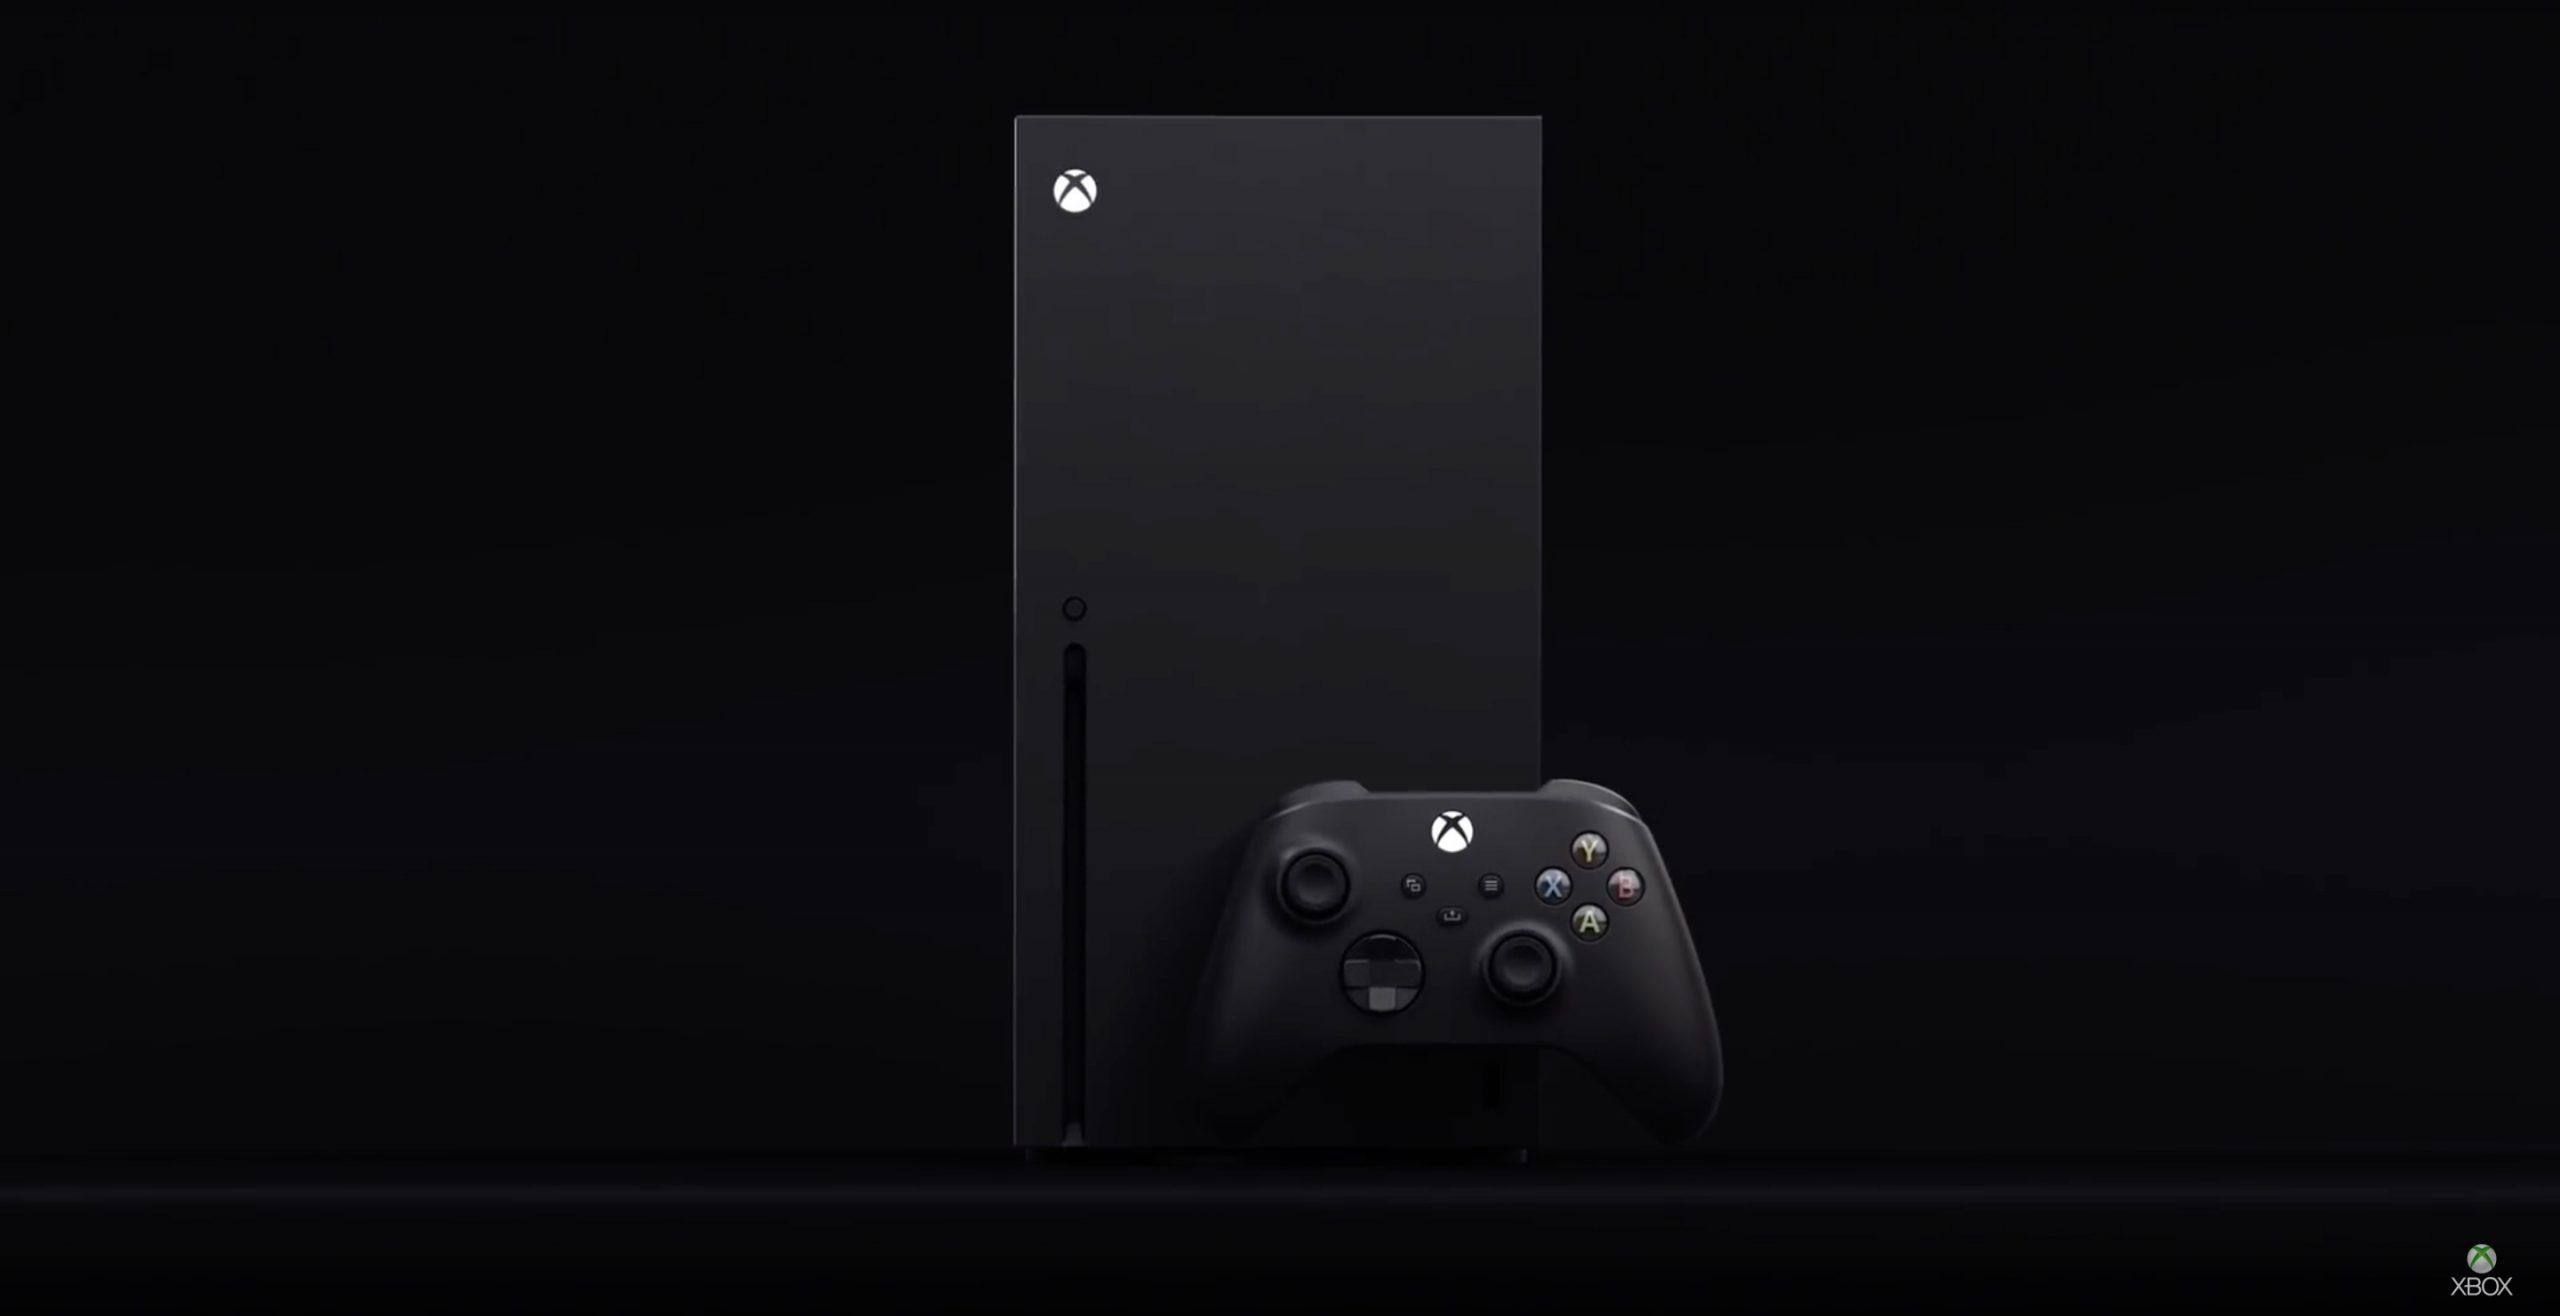 Koronavirusaren agerraldiak ez du Xbox X Series geldituko. Jolasekin desberdina izan daiteke